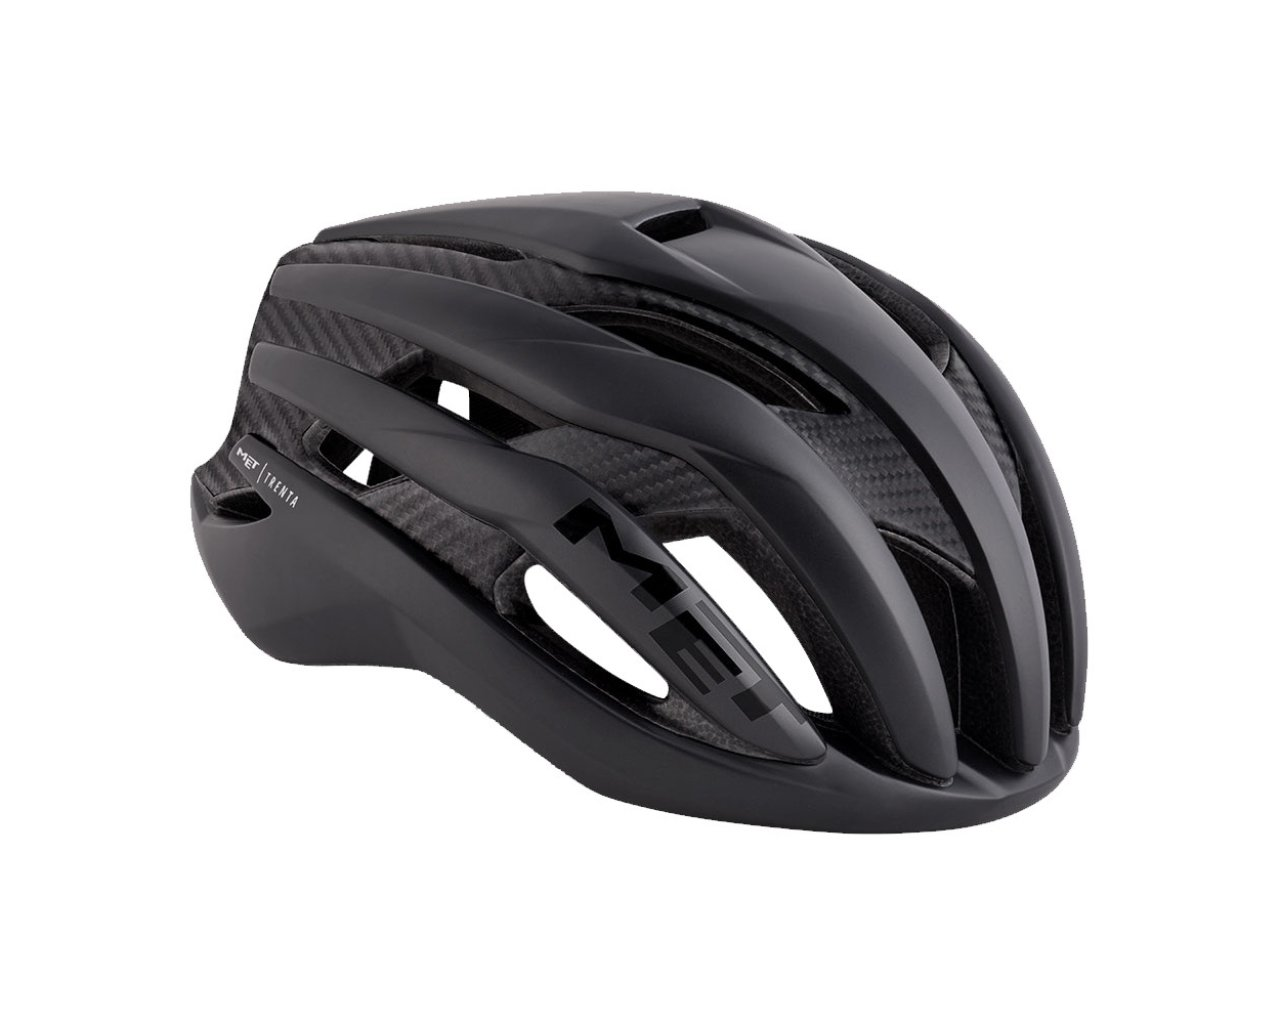 Велошлем Met Trenta 3k Carbon, матовый черный 2018 (Размер: S (52-56 см))